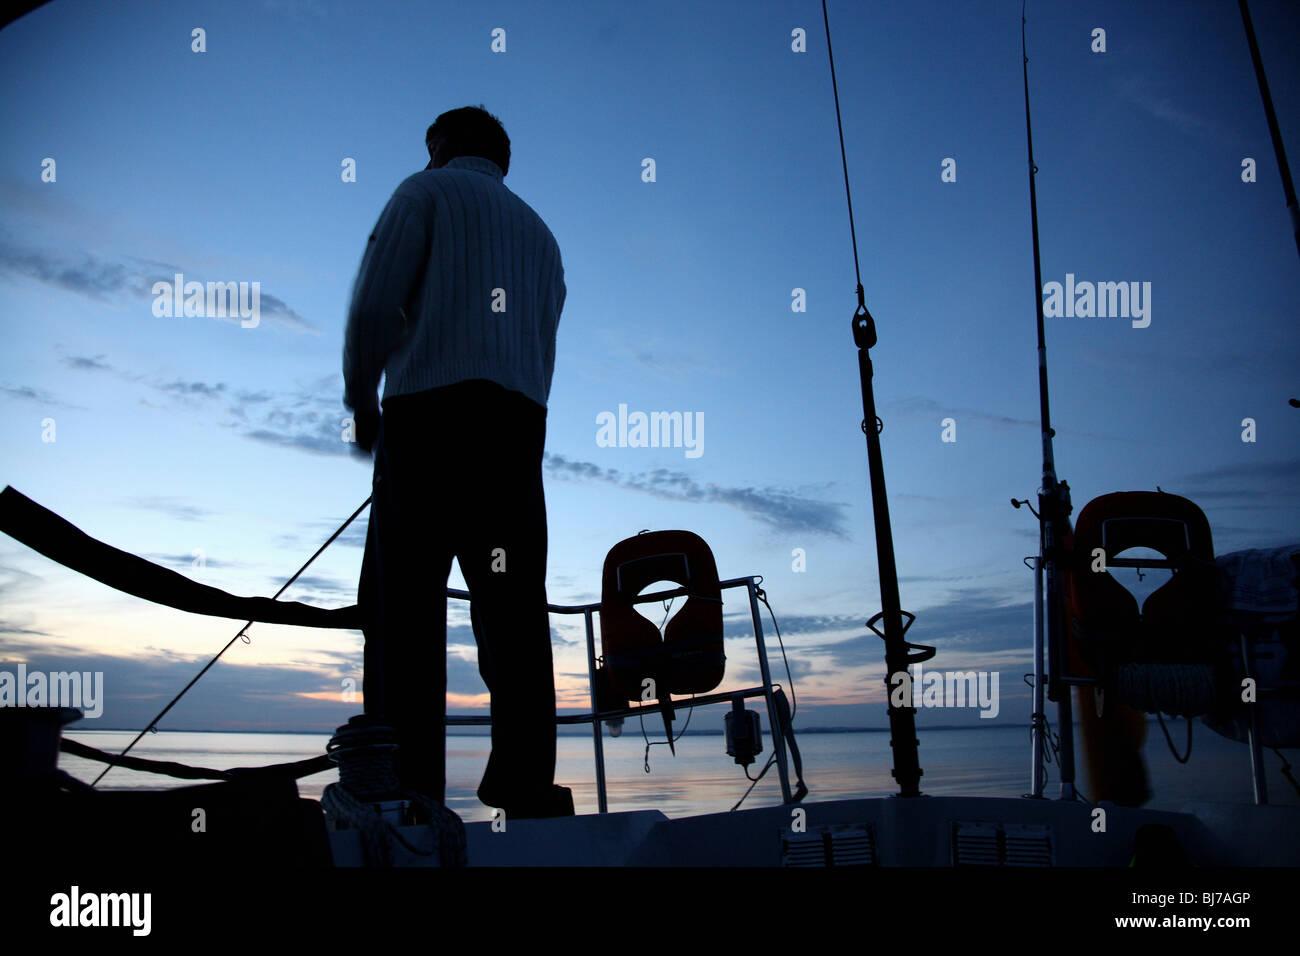 Hombre pescar en un barco de vela Imagen De Stock